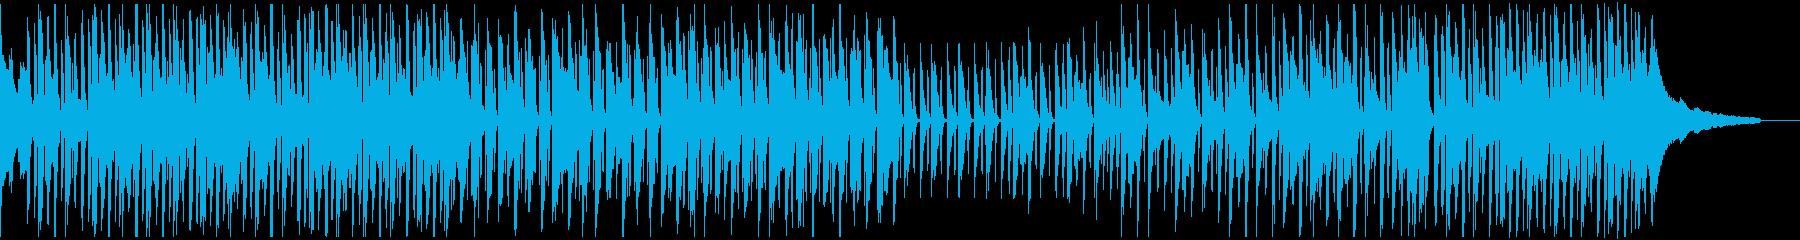 明るくハッピーで小気味よい曲の再生済みの波形